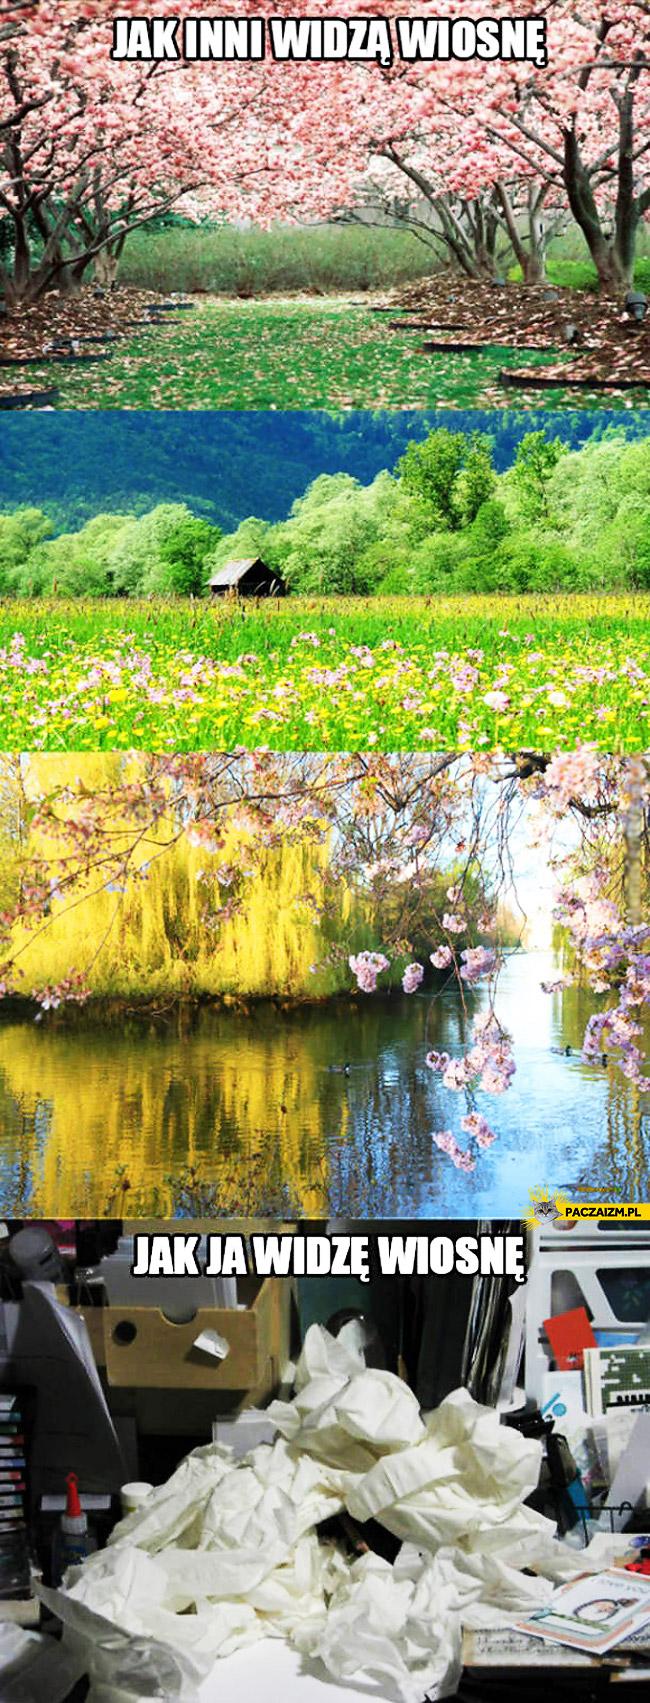 Jak inni widzą wiosnę jak ja widzę wiosnę